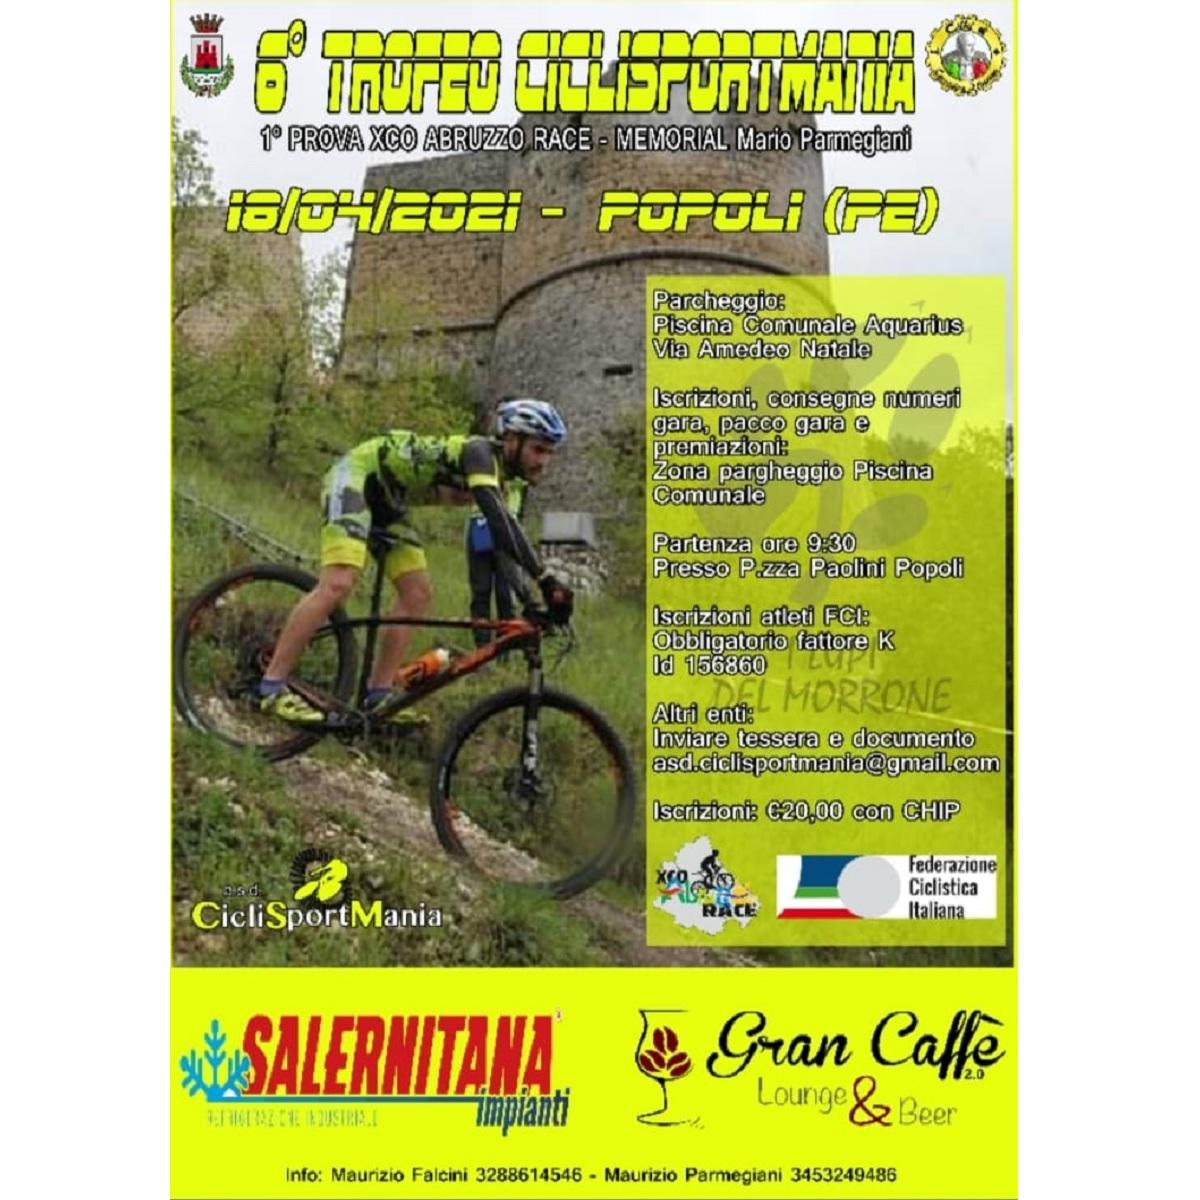 Popoli sesta edizione del Trofeo Ciclisportmania foto